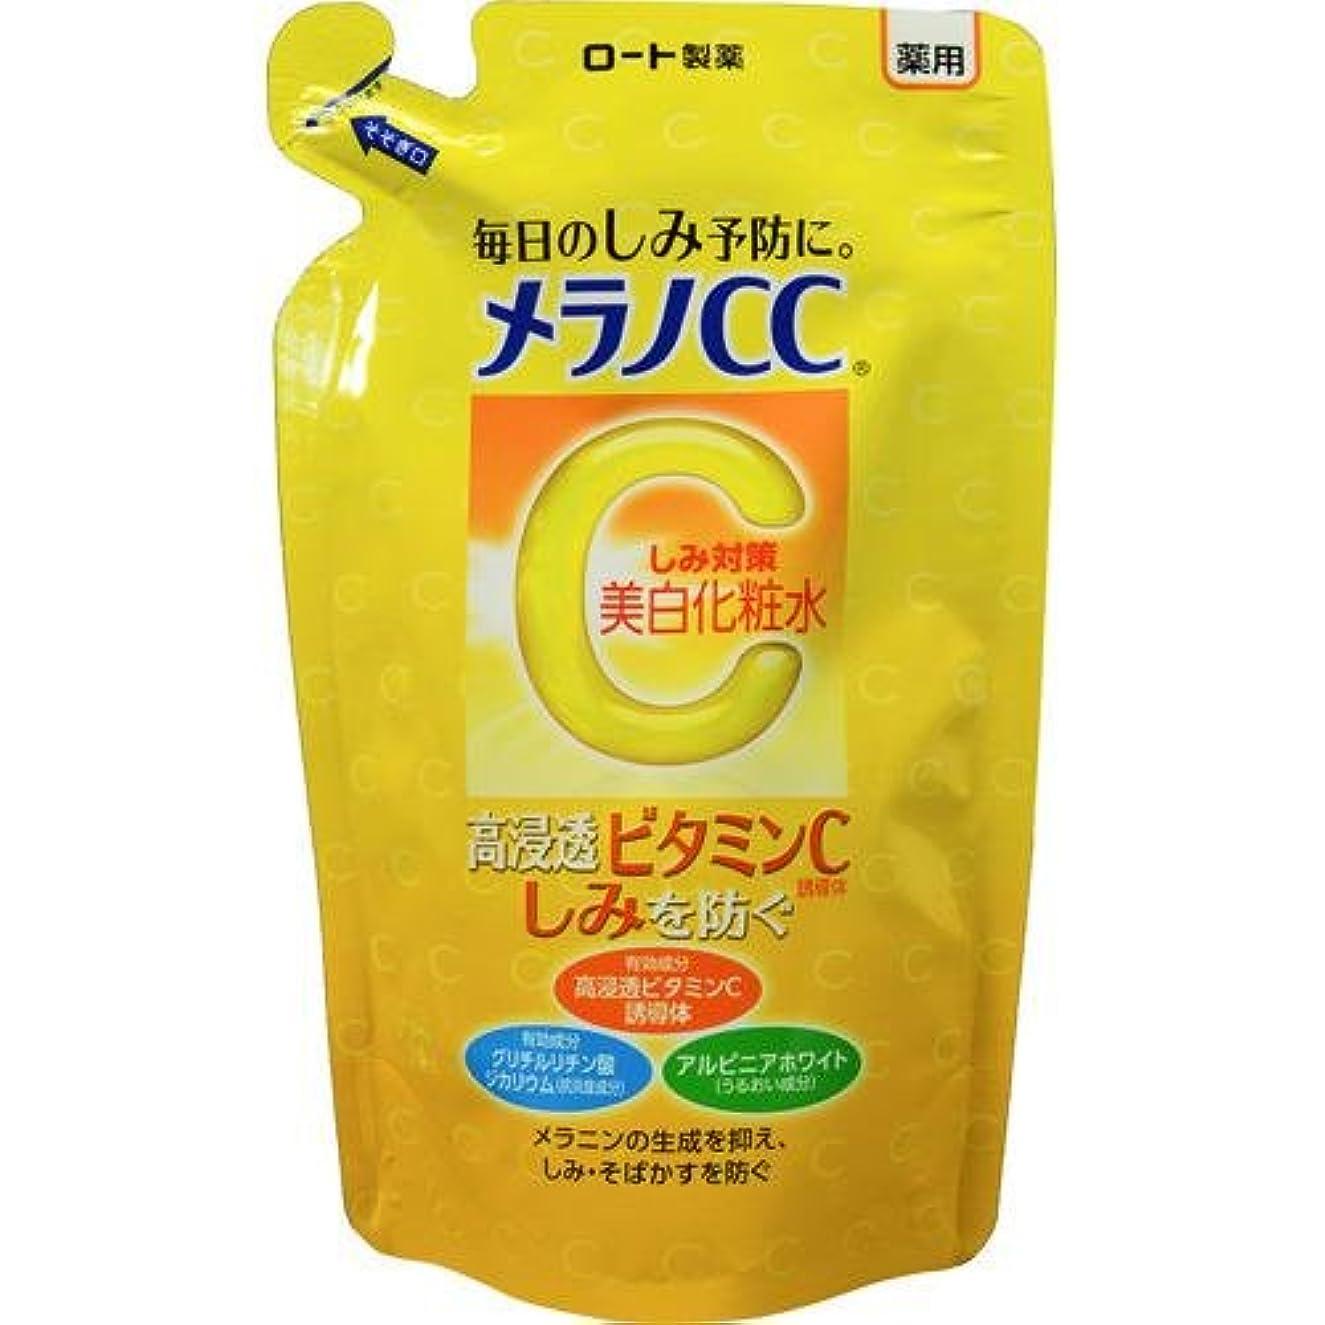 競争力のあるブラシ困難メラノCC 薬用しみ対策美白化粧水 つめかえ用 × 3個セット